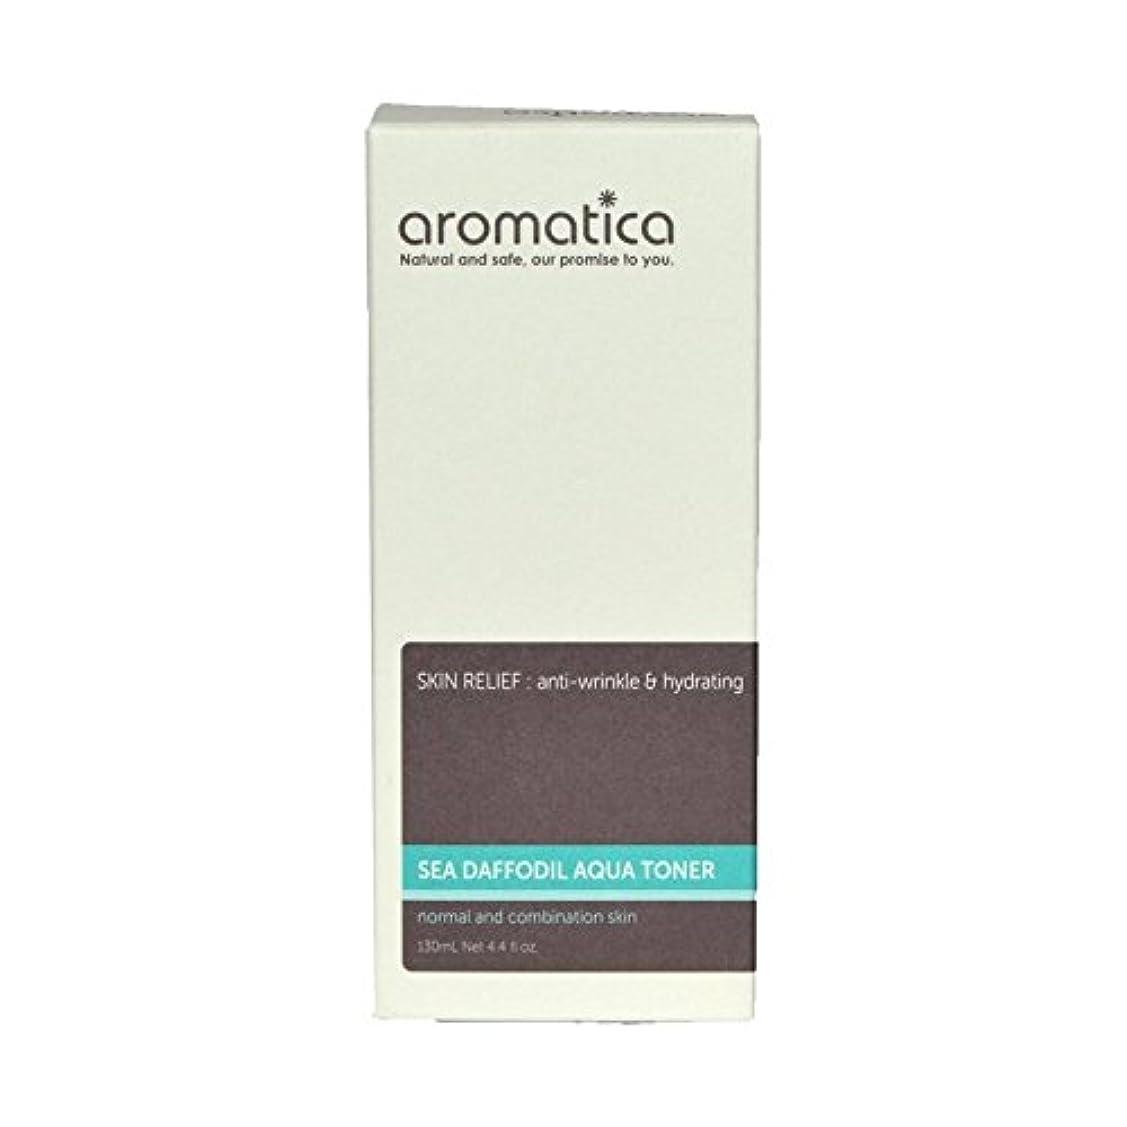 不純比喩巨大海スイセンアクアトナー130ミリリットル x4 - aromatica Sea Daffodil Aqua Toner 130ml (Pack of 4) [並行輸入品]